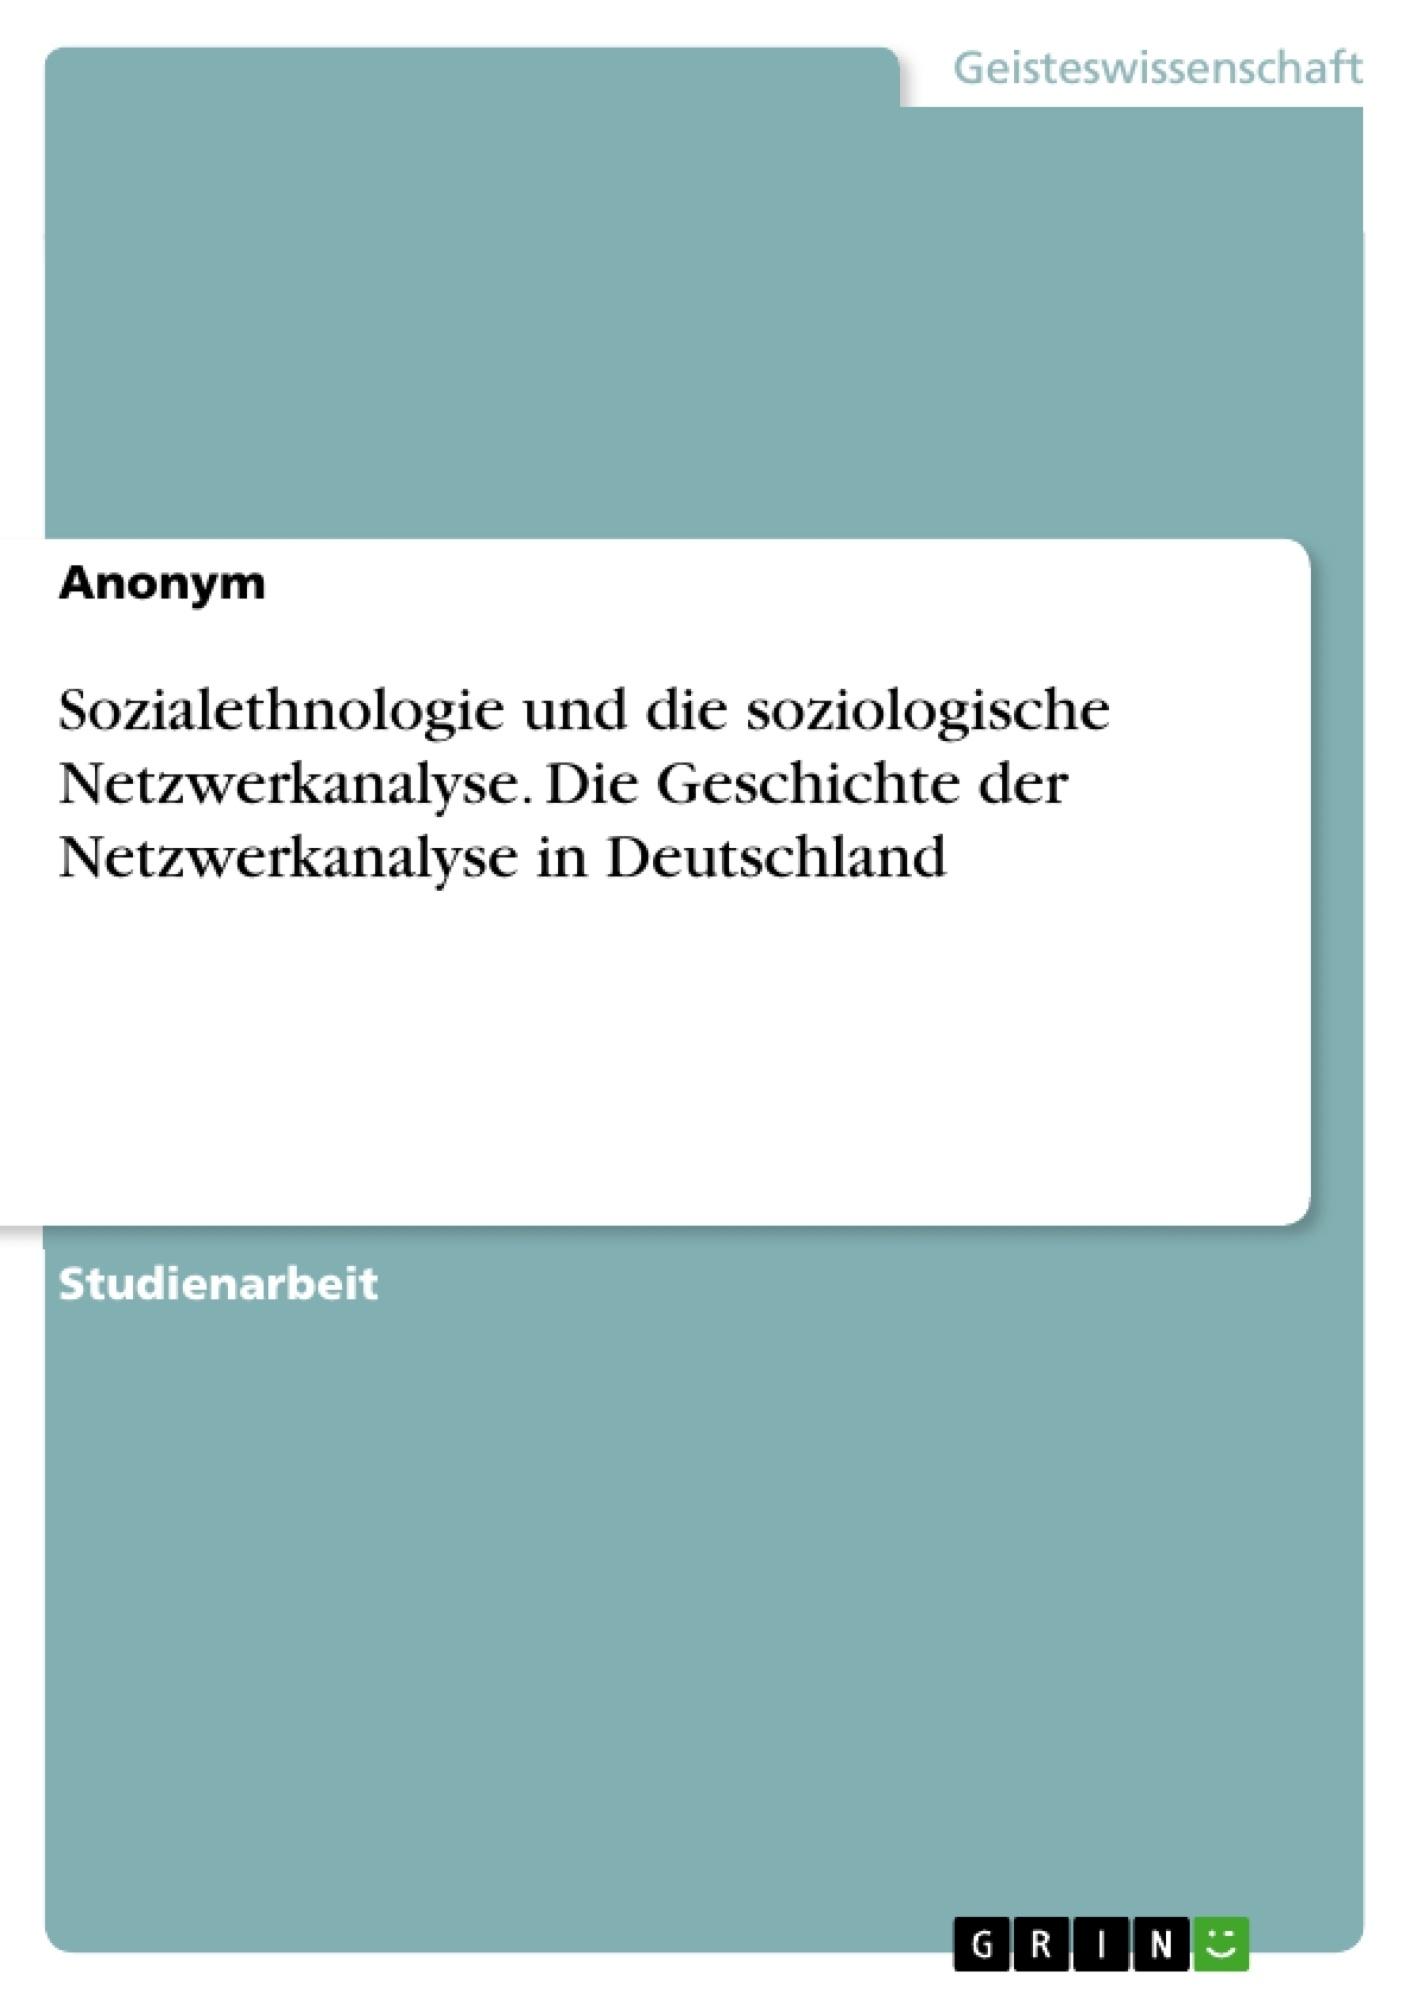 Titel: Sozialethnologie und die soziologische Netzwerkanalyse. Die Geschichte der Netzwerkanalyse in Deutschland